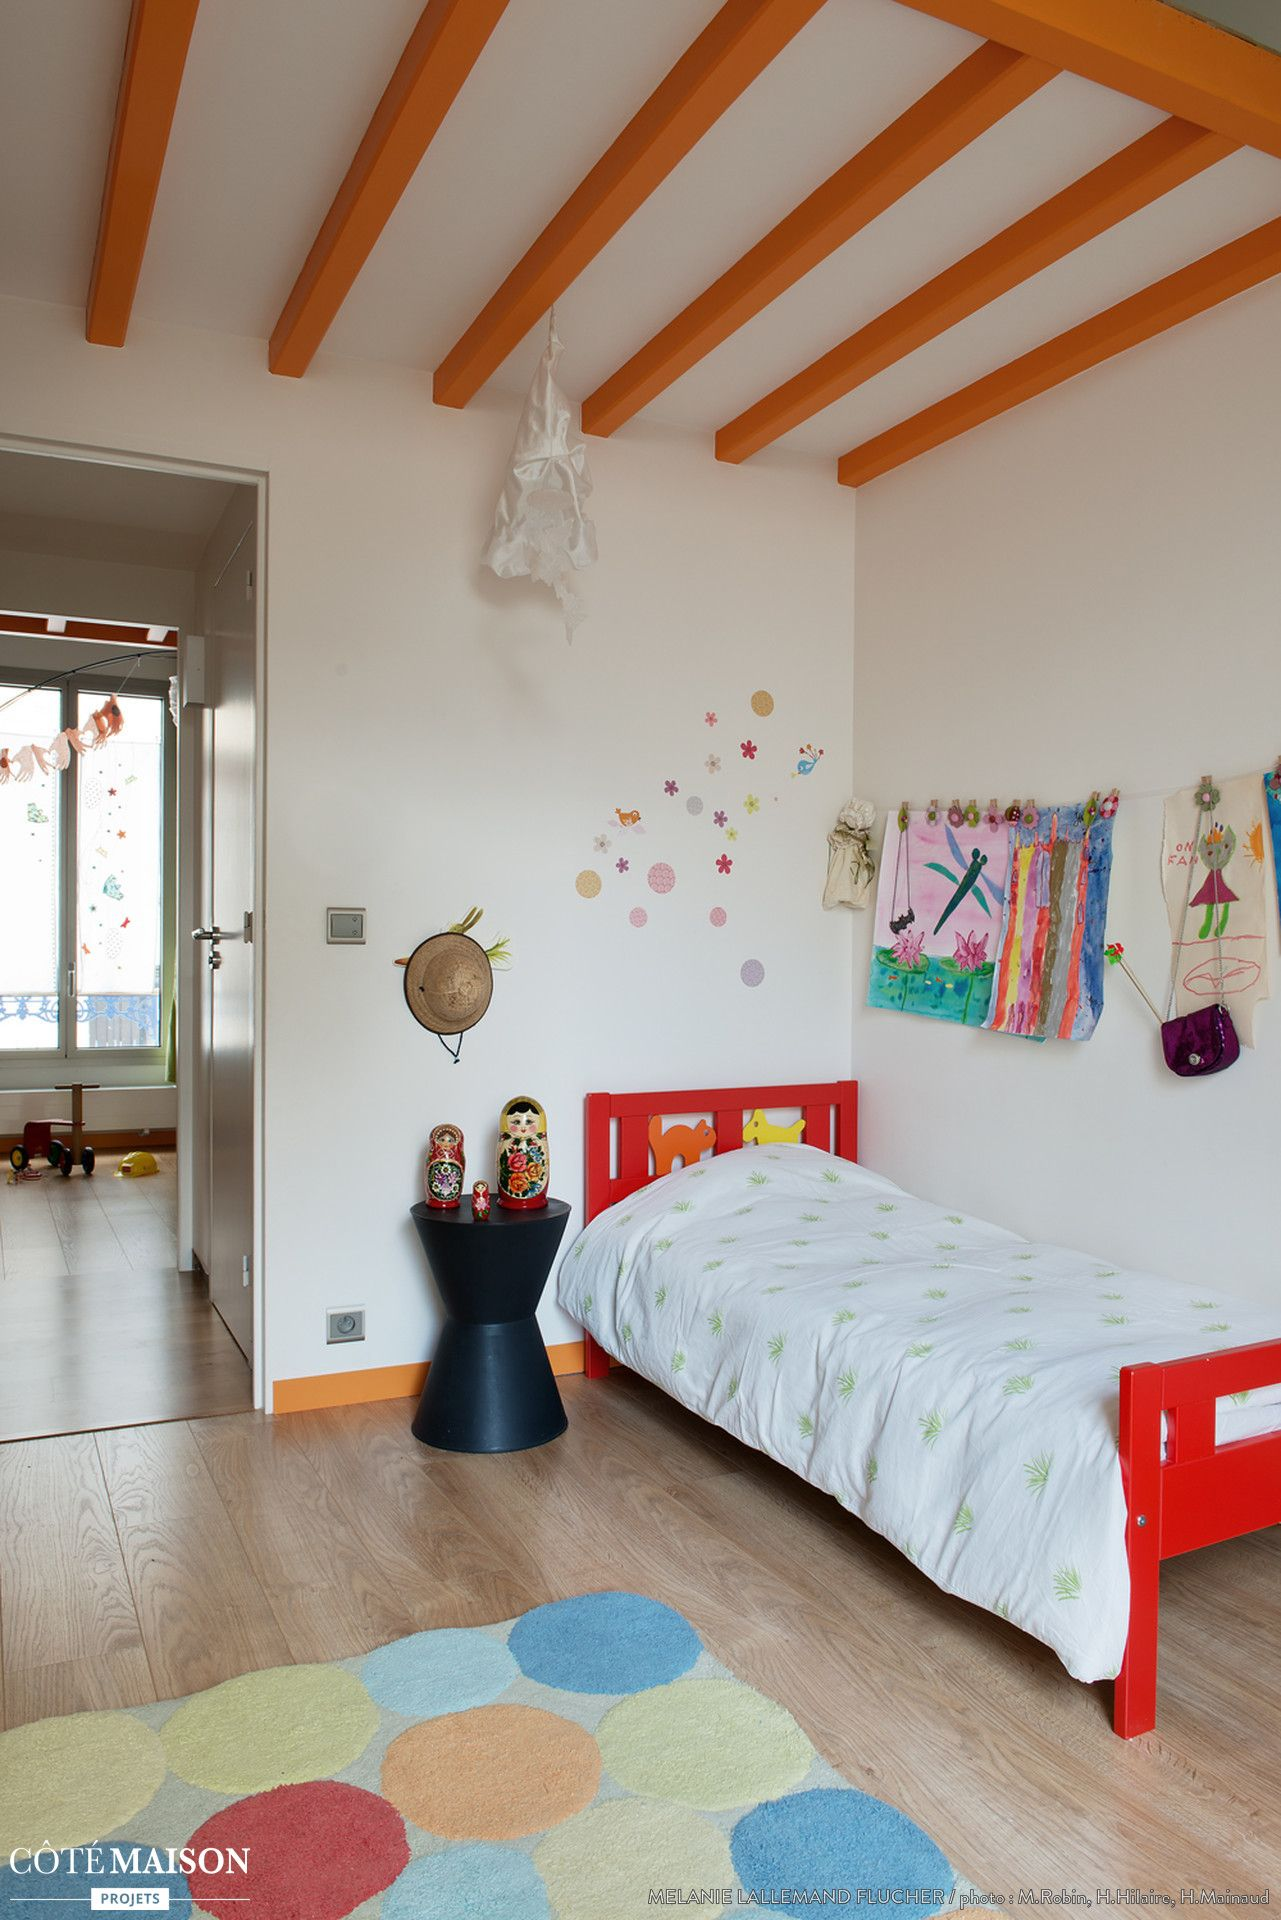 unne chambre d 39 enfant color e avec les poutres apparentes peintes en orange plafond. Black Bedroom Furniture Sets. Home Design Ideas